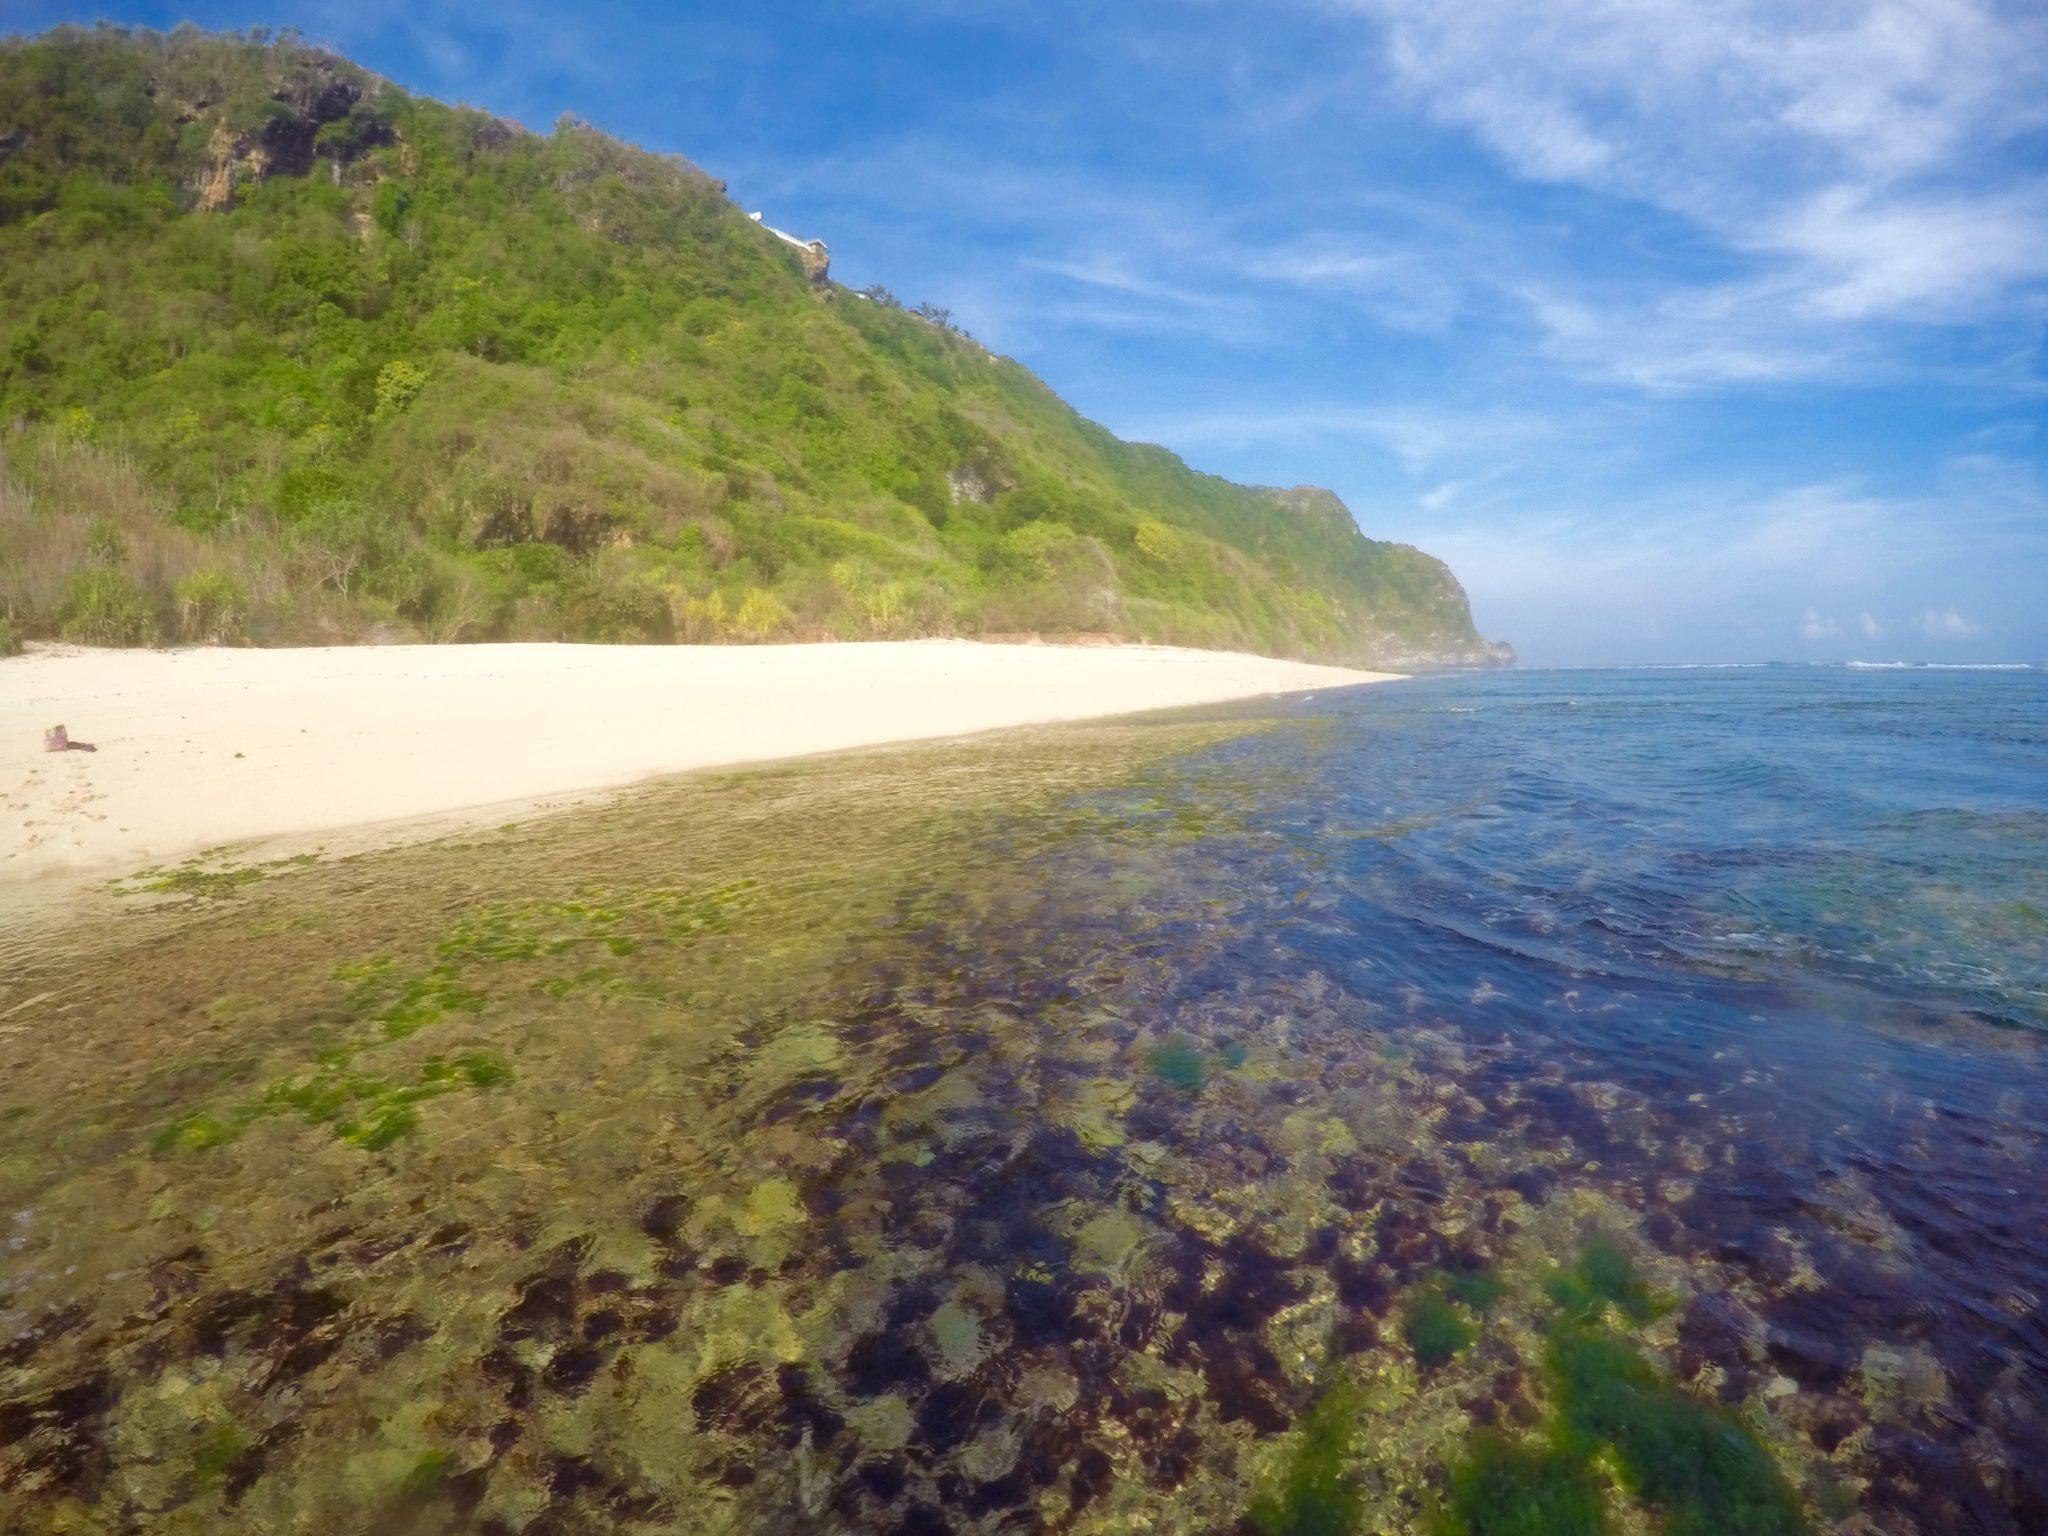 Referensi Tempat Wisata di Indonesia | Pantai Nyang Nyang Bali Indonesia